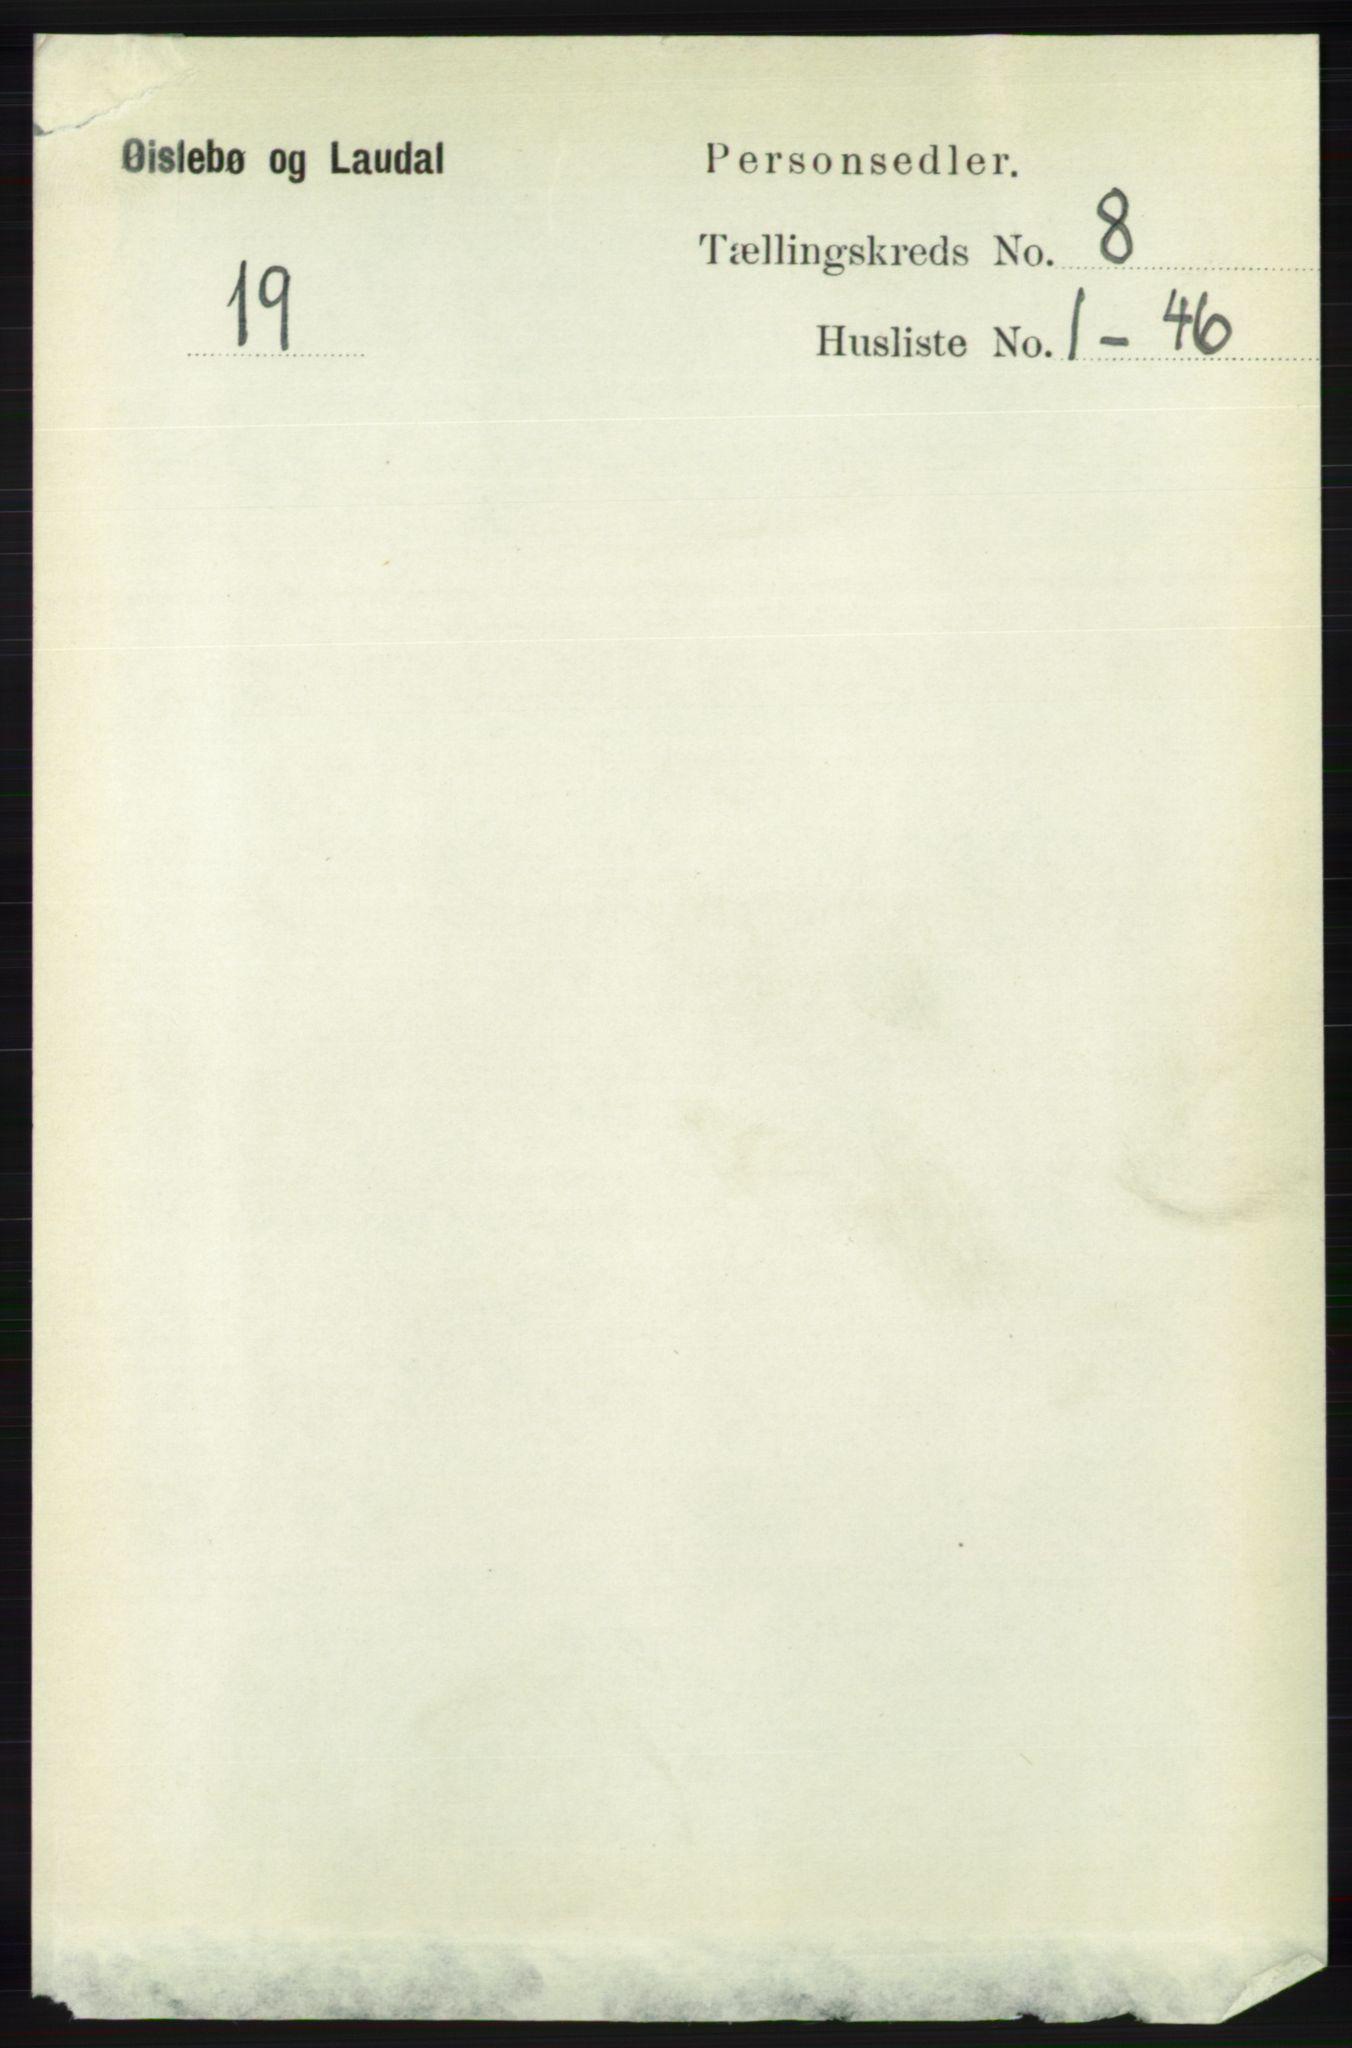 RA, Folketelling 1891 for 1021 Øyslebø og Laudal herred, 1891, s. 2104